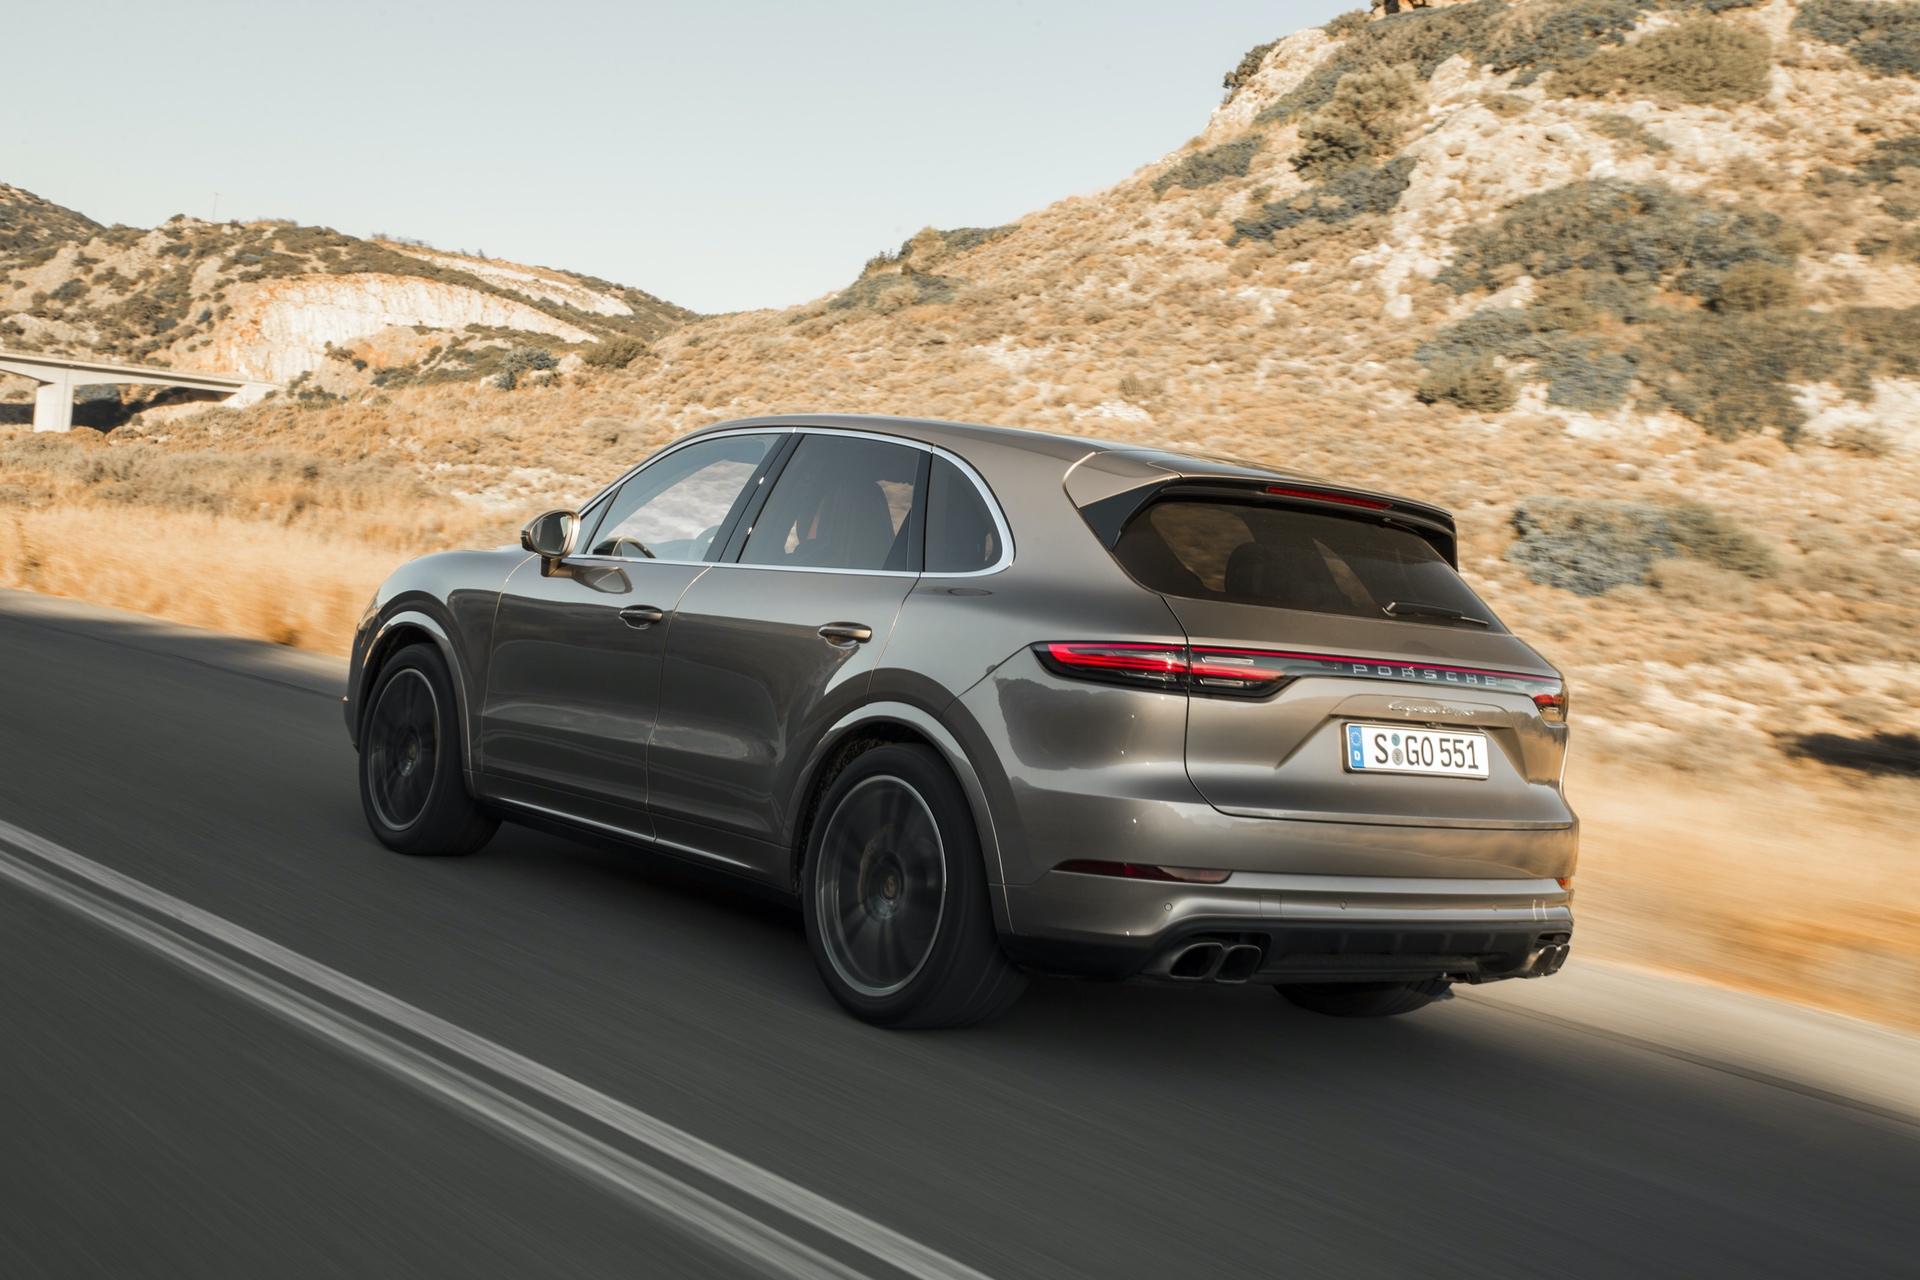 Test_Drive_Porsche_Cayenne_112